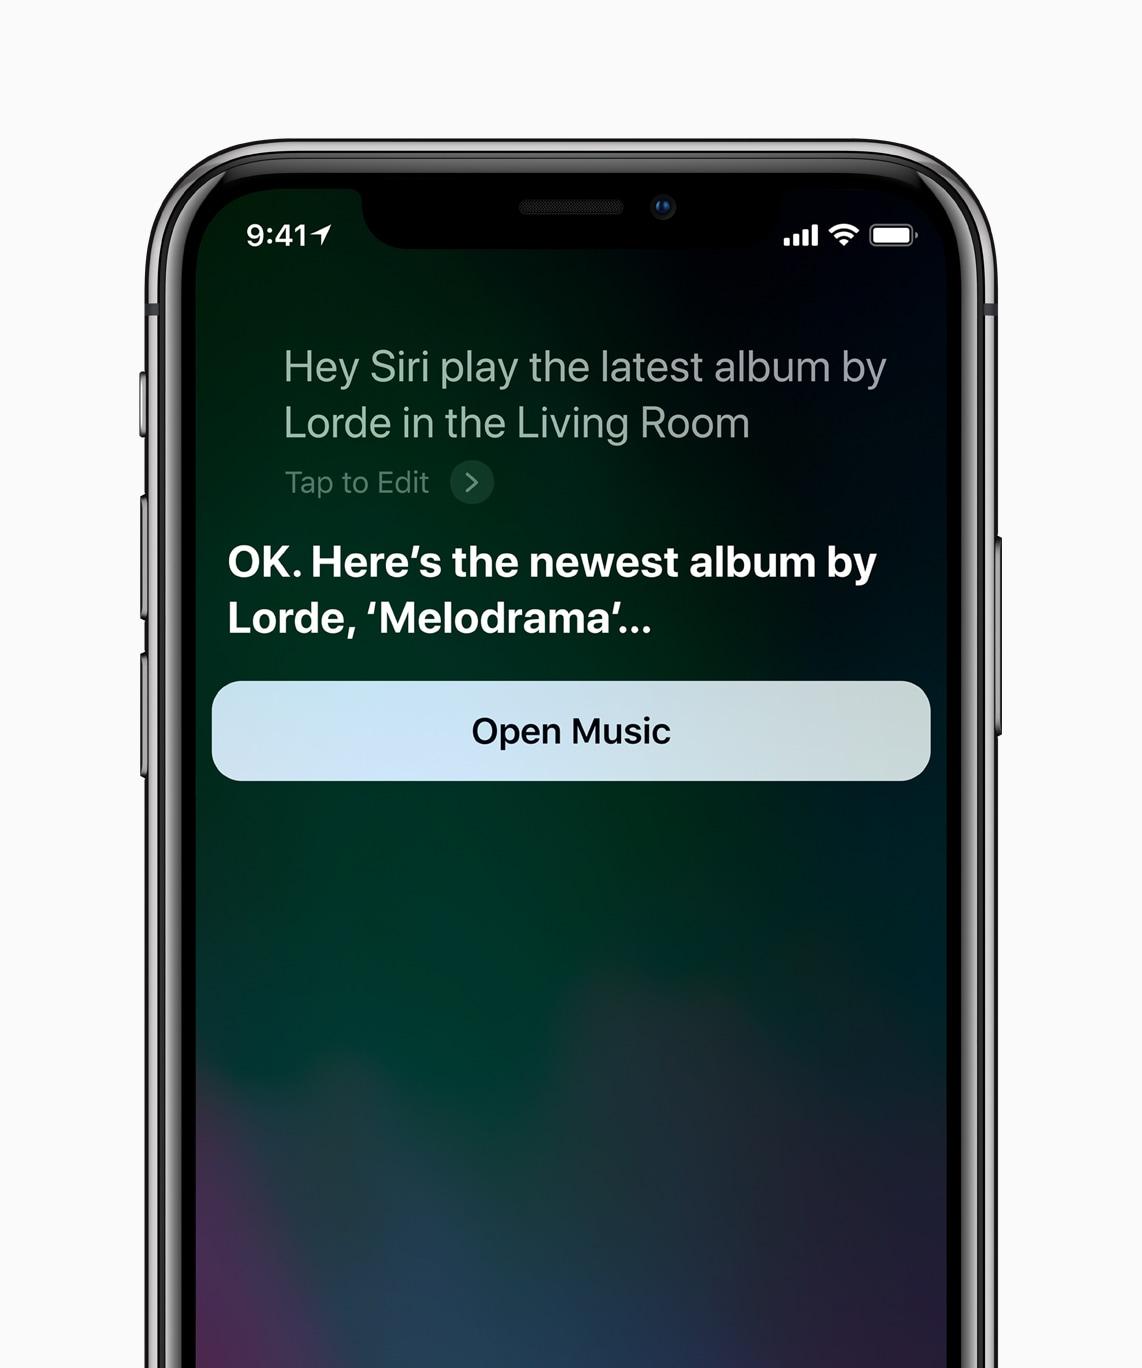 Pedindo para a Siri reproduzir uma música num determinado ambiente